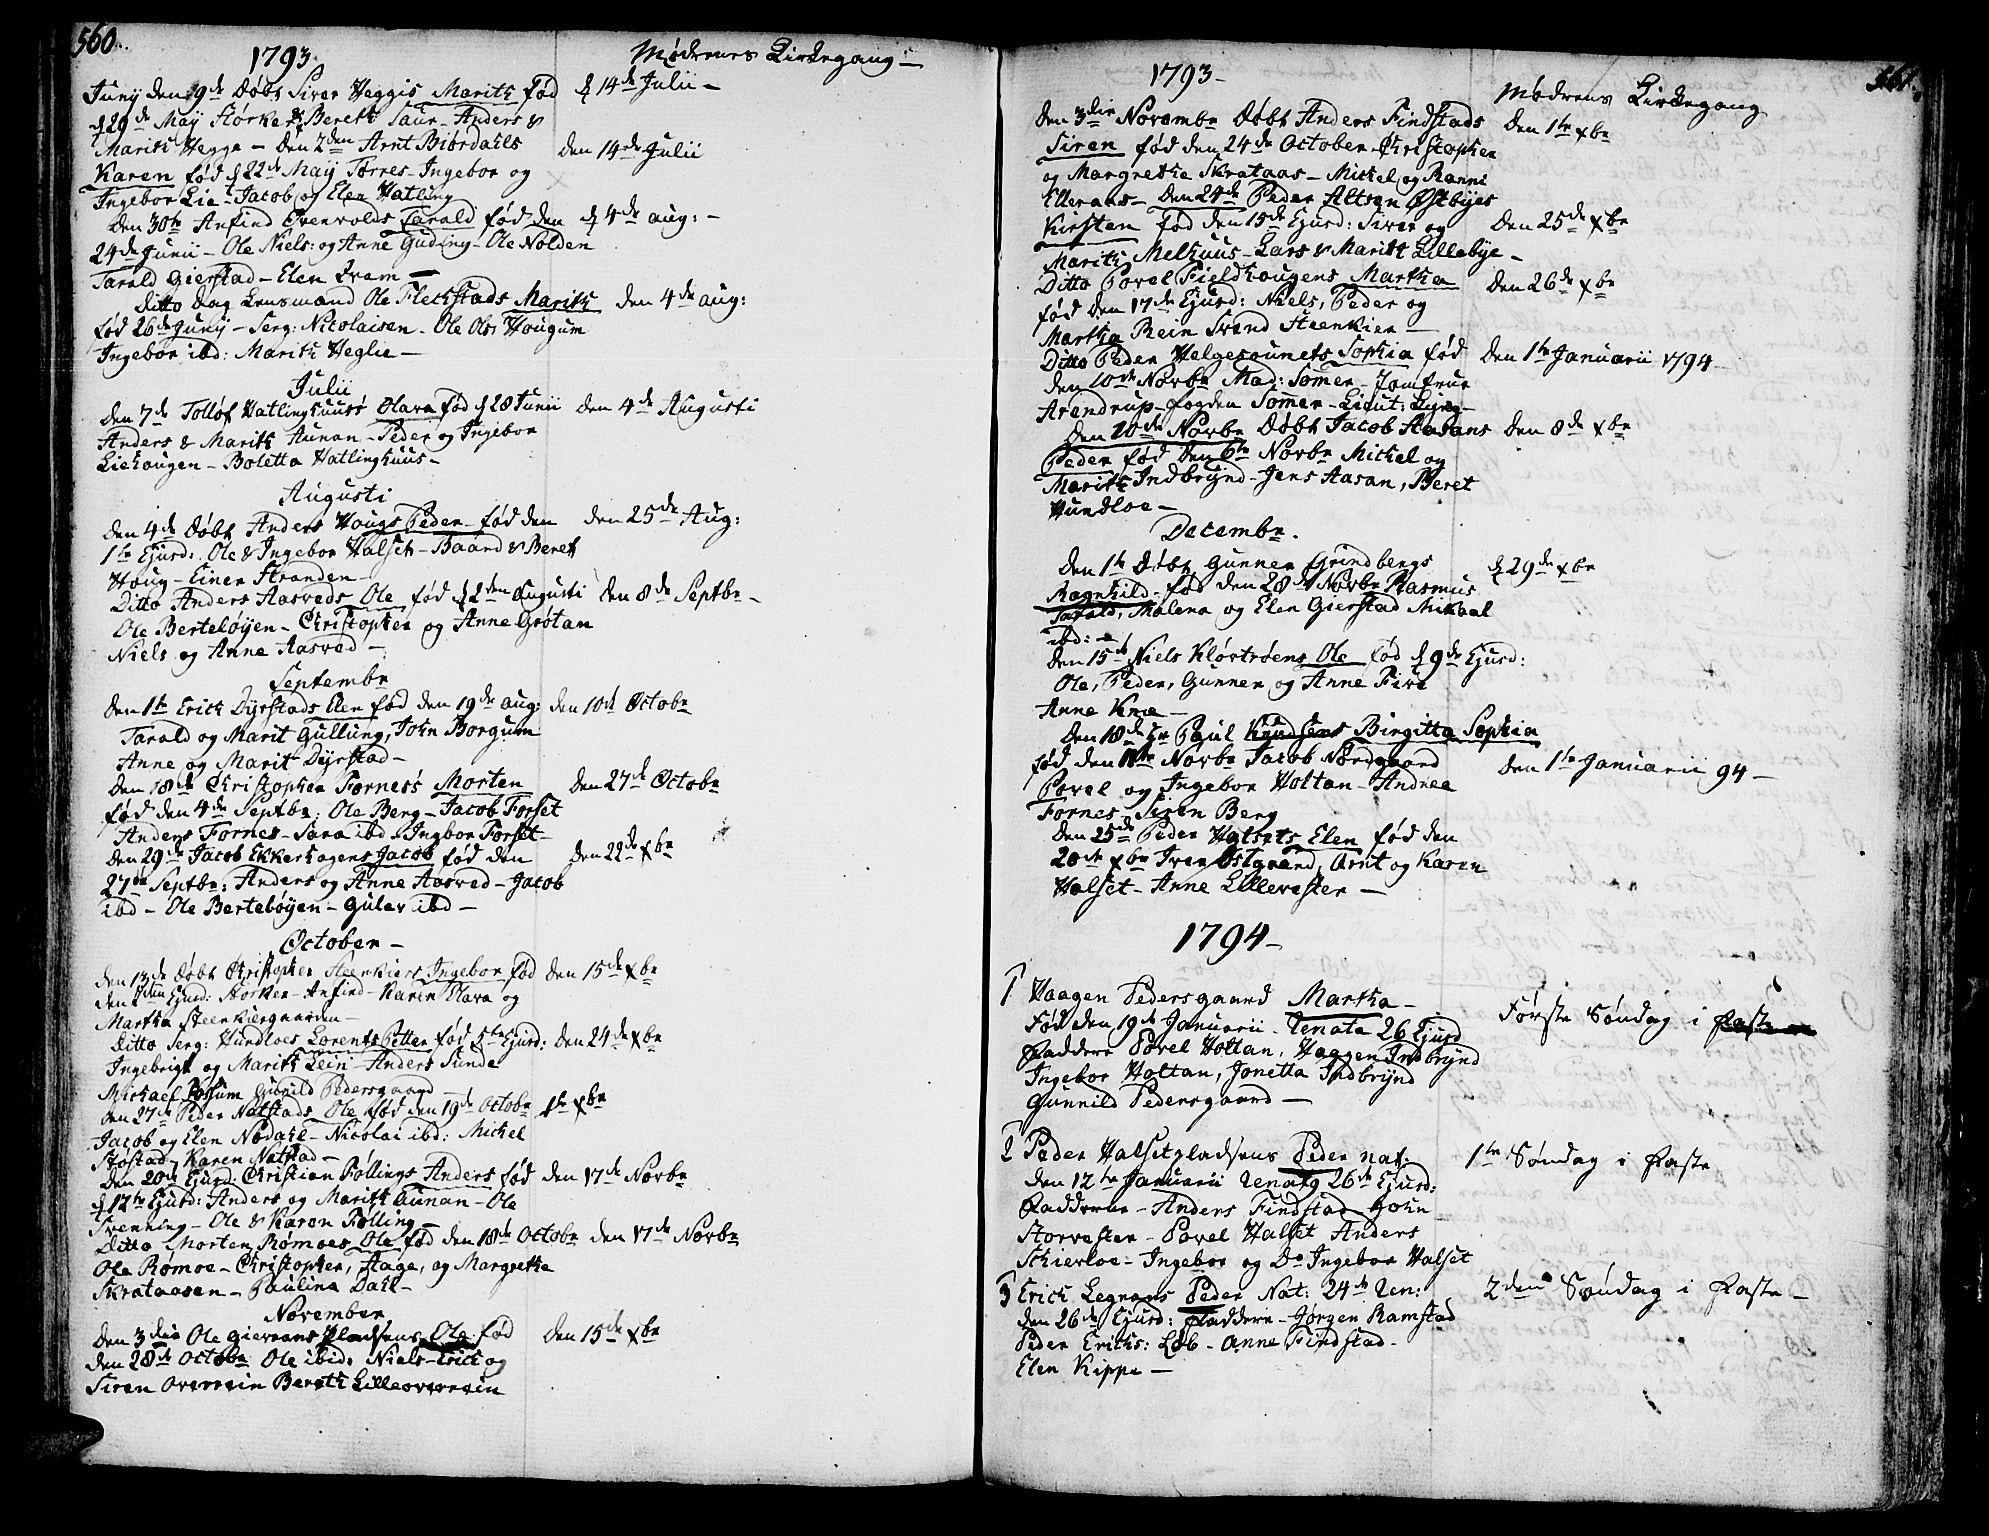 SAT, Ministerialprotokoller, klokkerbøker og fødselsregistre - Nord-Trøndelag, 746/L0440: Ministerialbok nr. 746A02, 1760-1815, s. 560-561